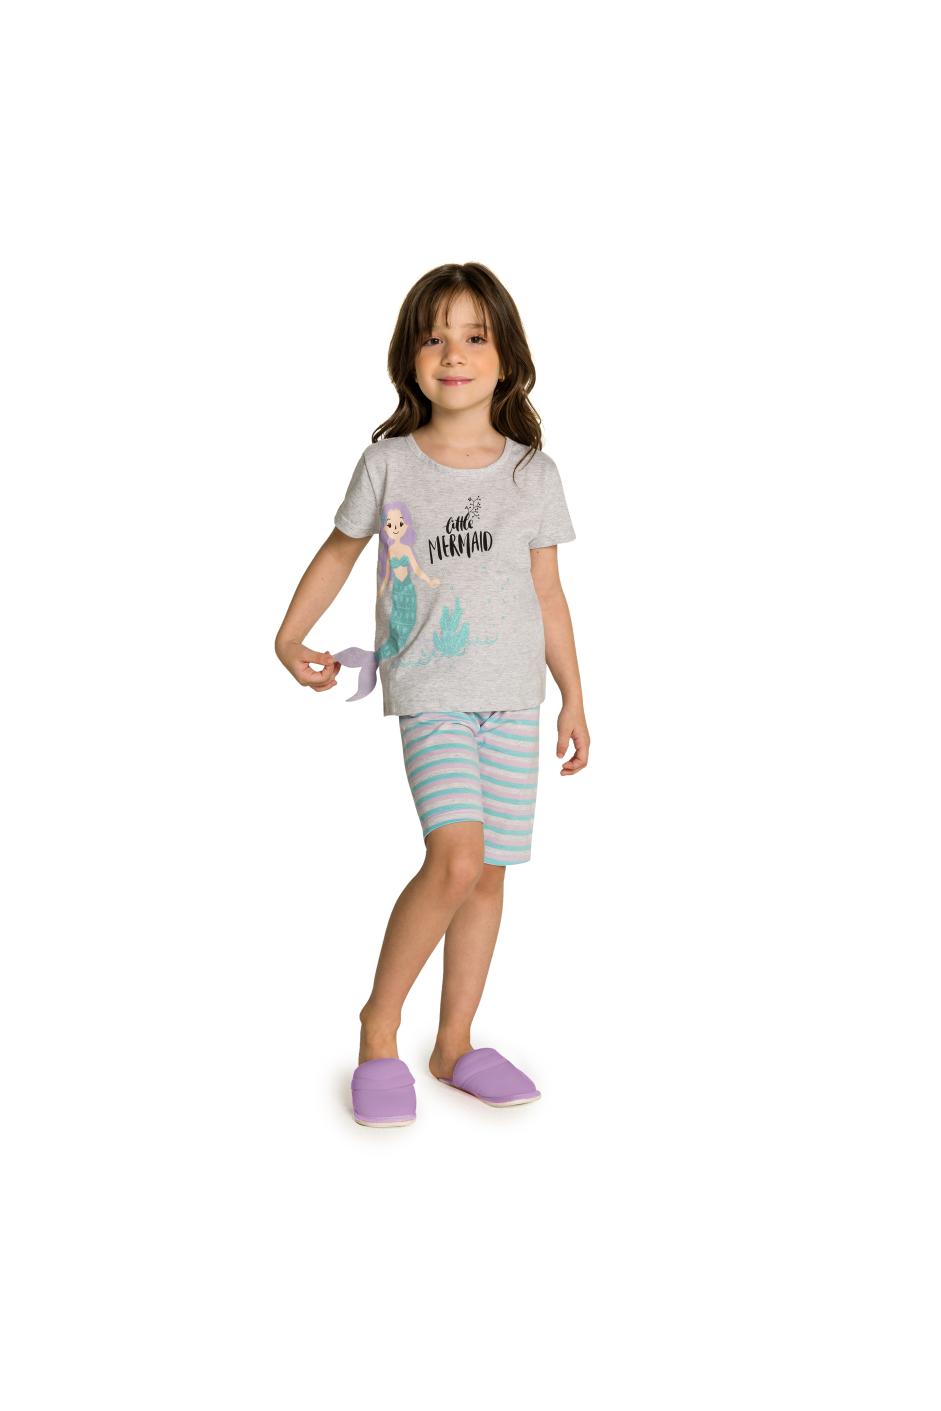 039/D - Short Doll Infantil Sereia Interativo com Feltro